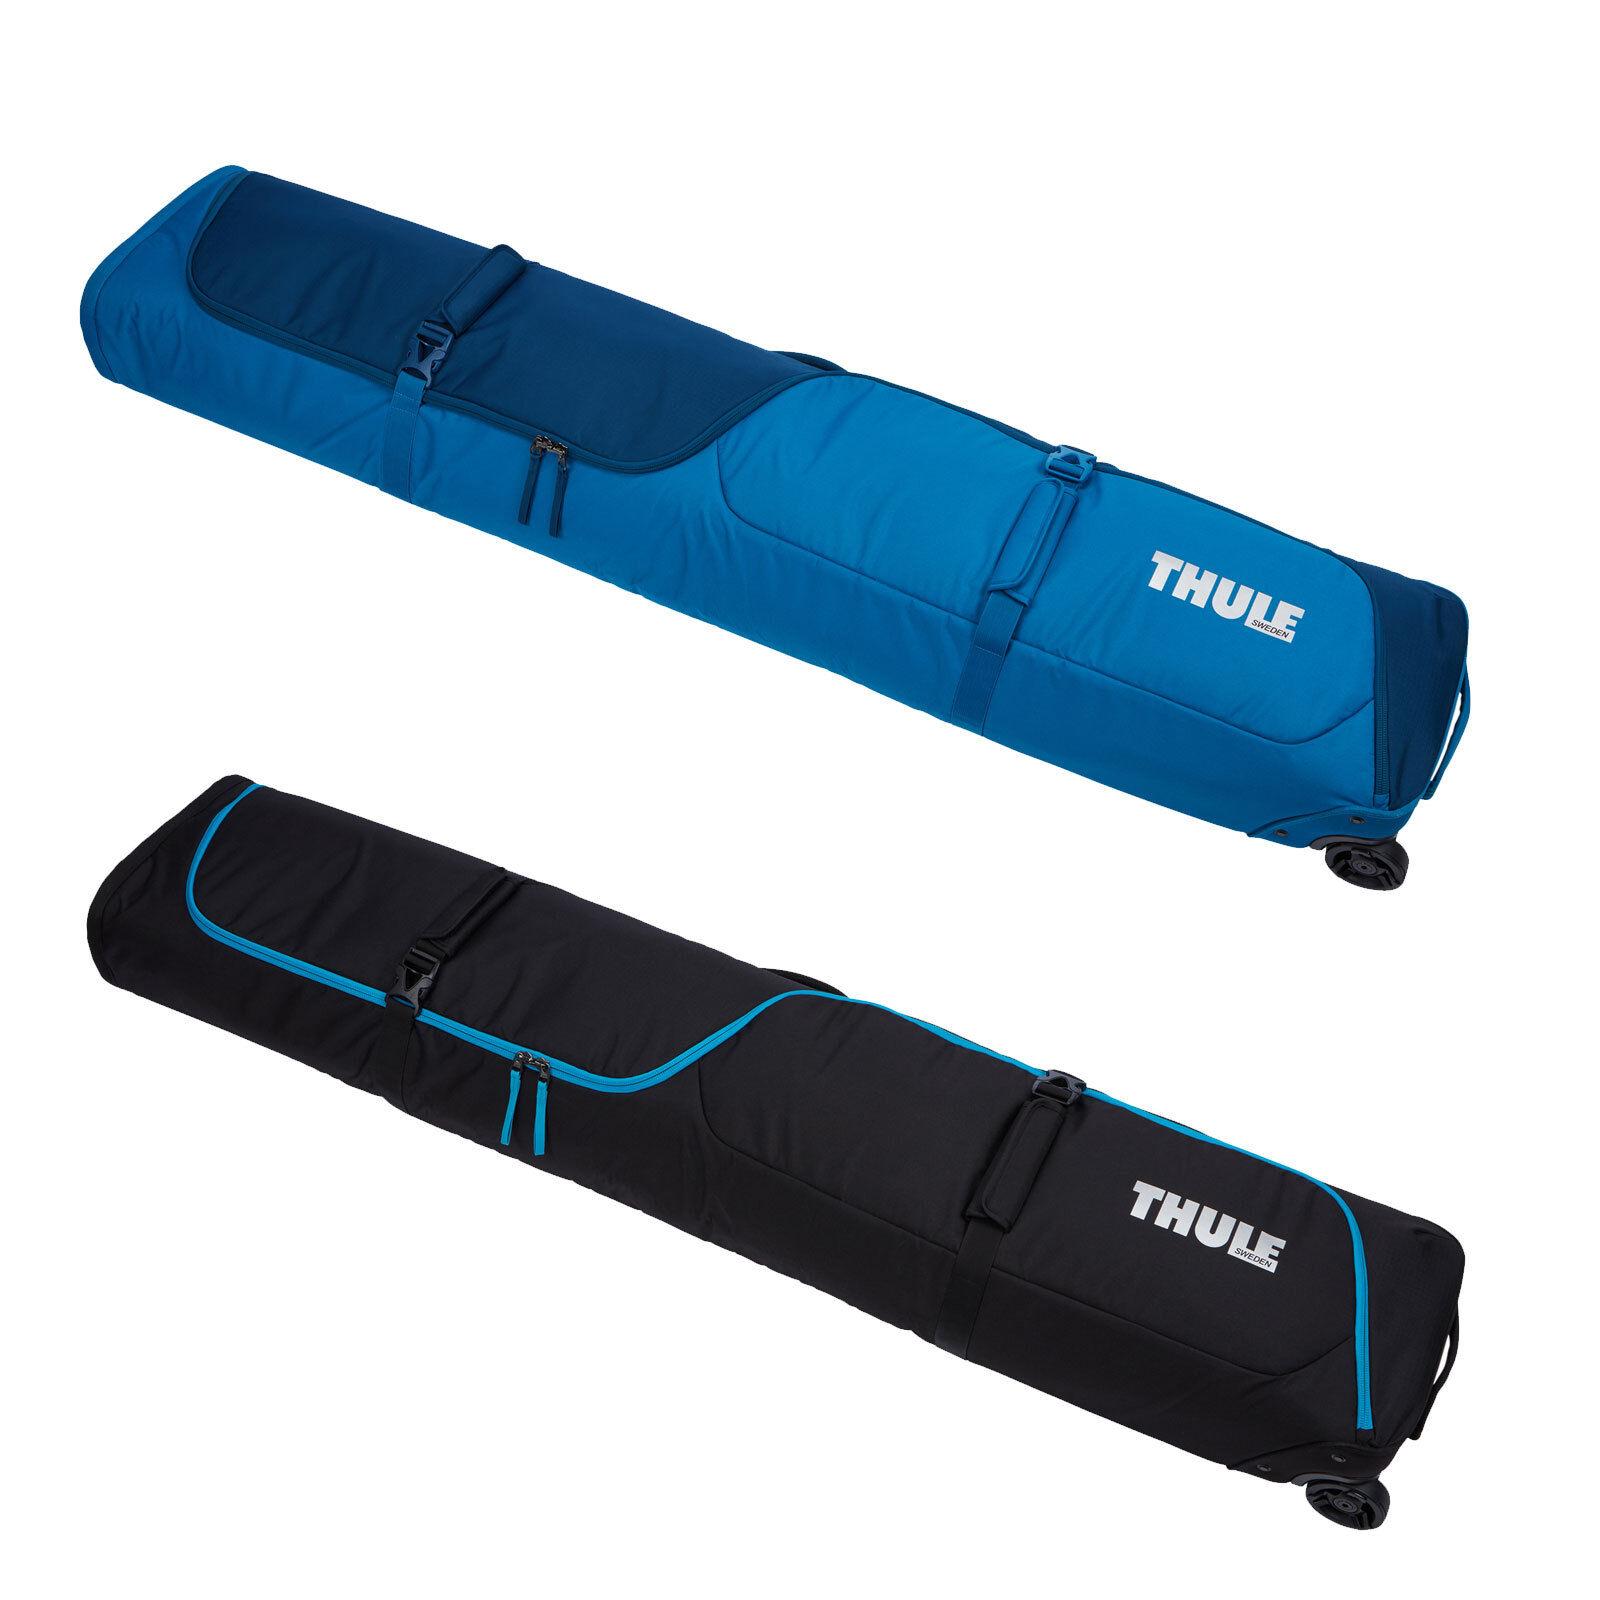 Thule Ski Scooter Carry Bag Ski-Case Ski Bag Ski Bag Ski-Rolltasche 192cm